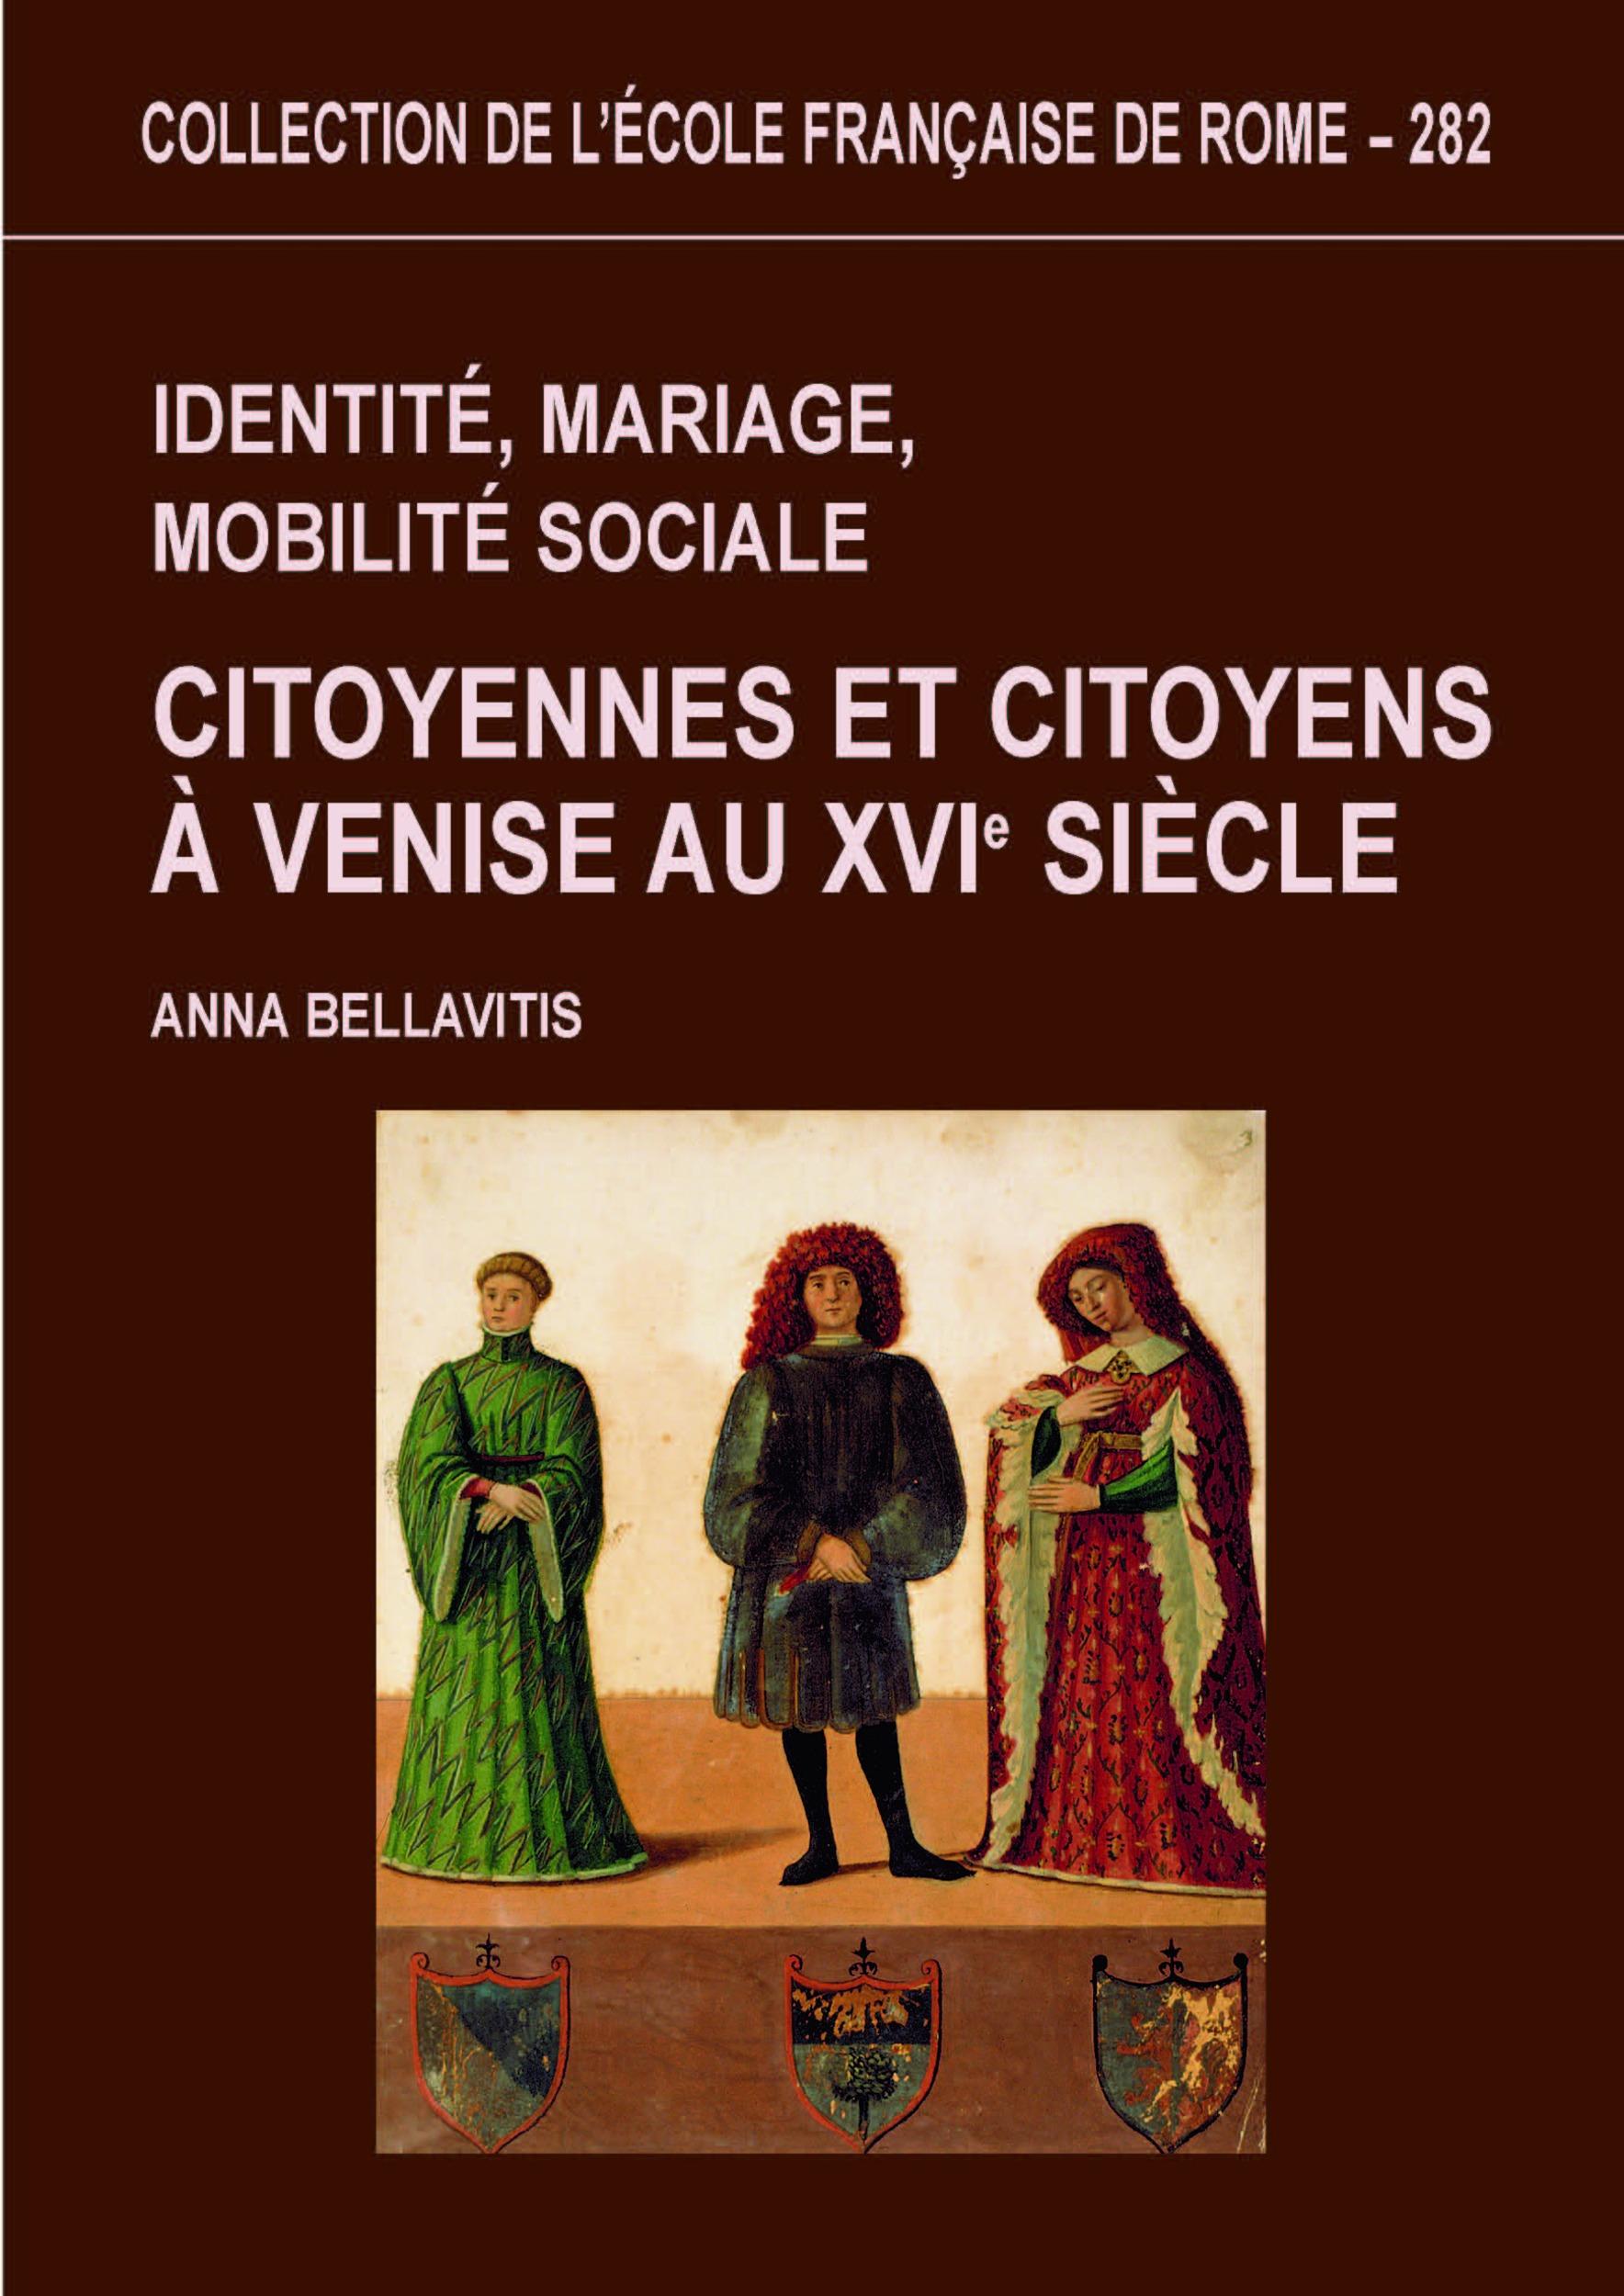 Identité, mariage, mobilité sociale ; citoyennes et citoyens à Venise au XVIe siècle